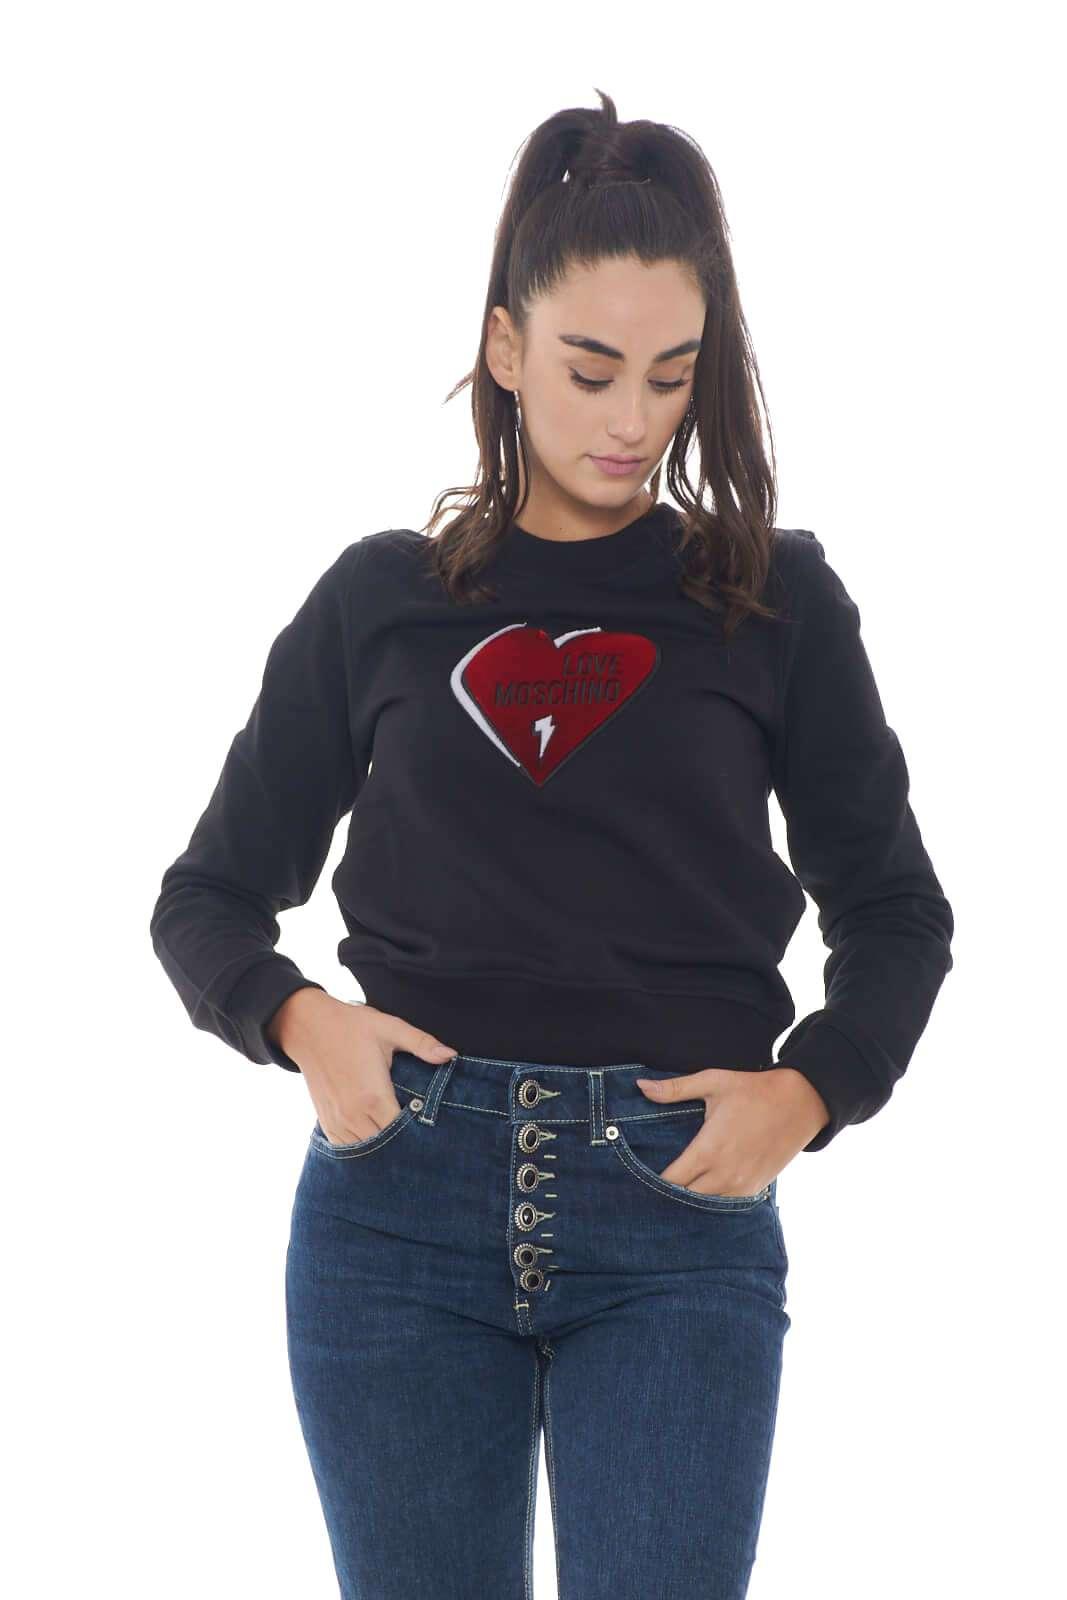 Una felpa calda e dallo stile inconfondibile quella firmata dalla collezione Love Moschino. Da abbinare ad un pantalone sportivo o ad un jeans risolve con stile i look più quotidiani. Un essential da proporre con spirito glamour.